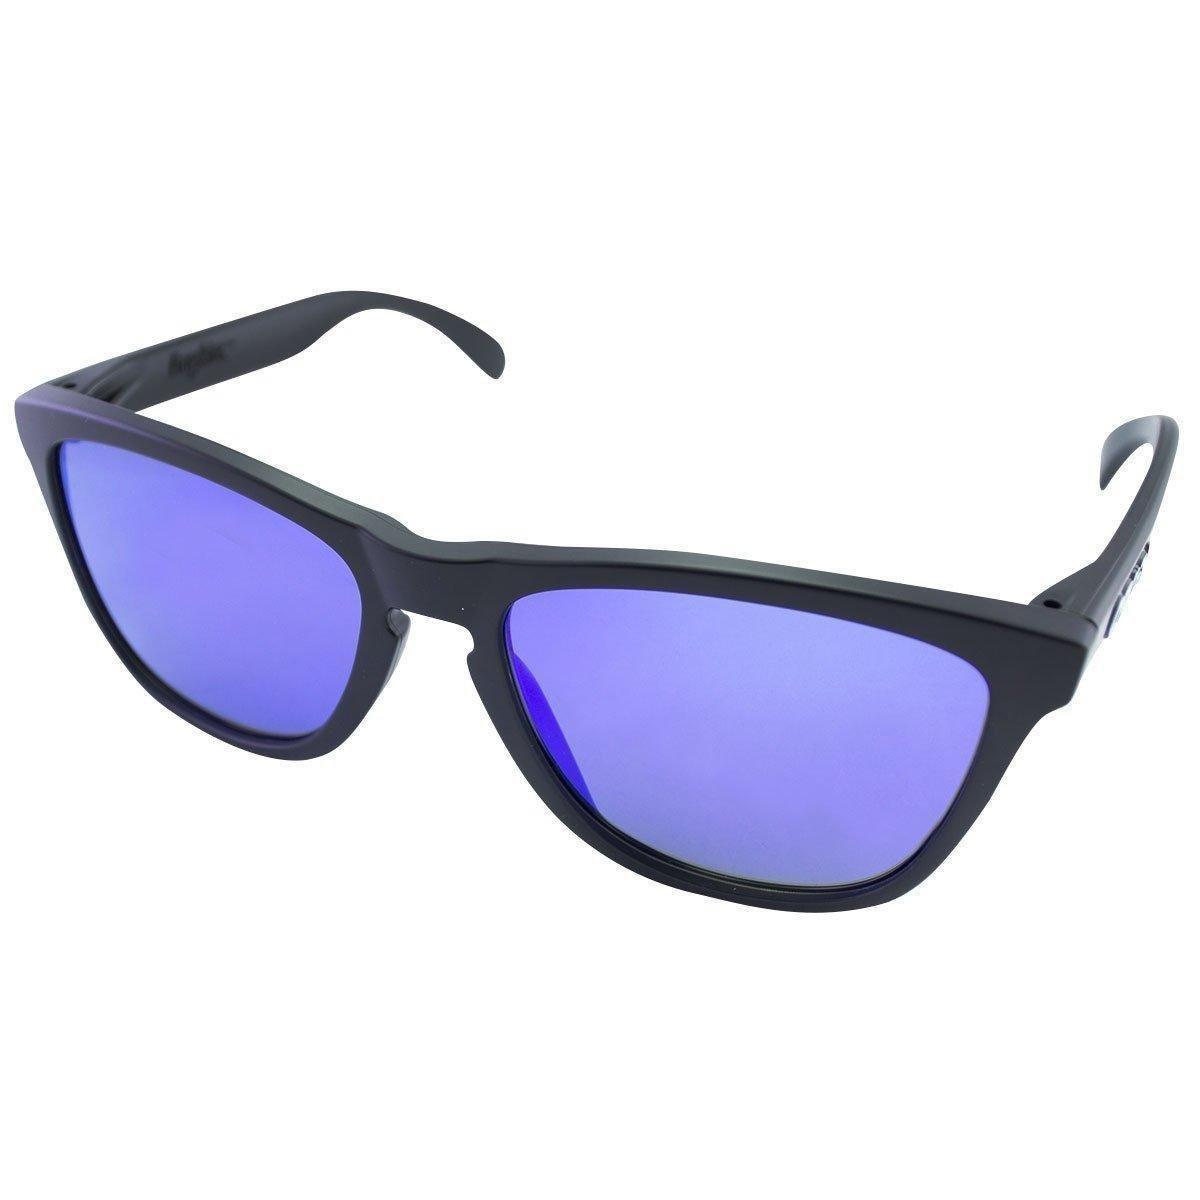 9f941e99fb11f Óculos Oakley Frogskins - Roxo - Compre Agora